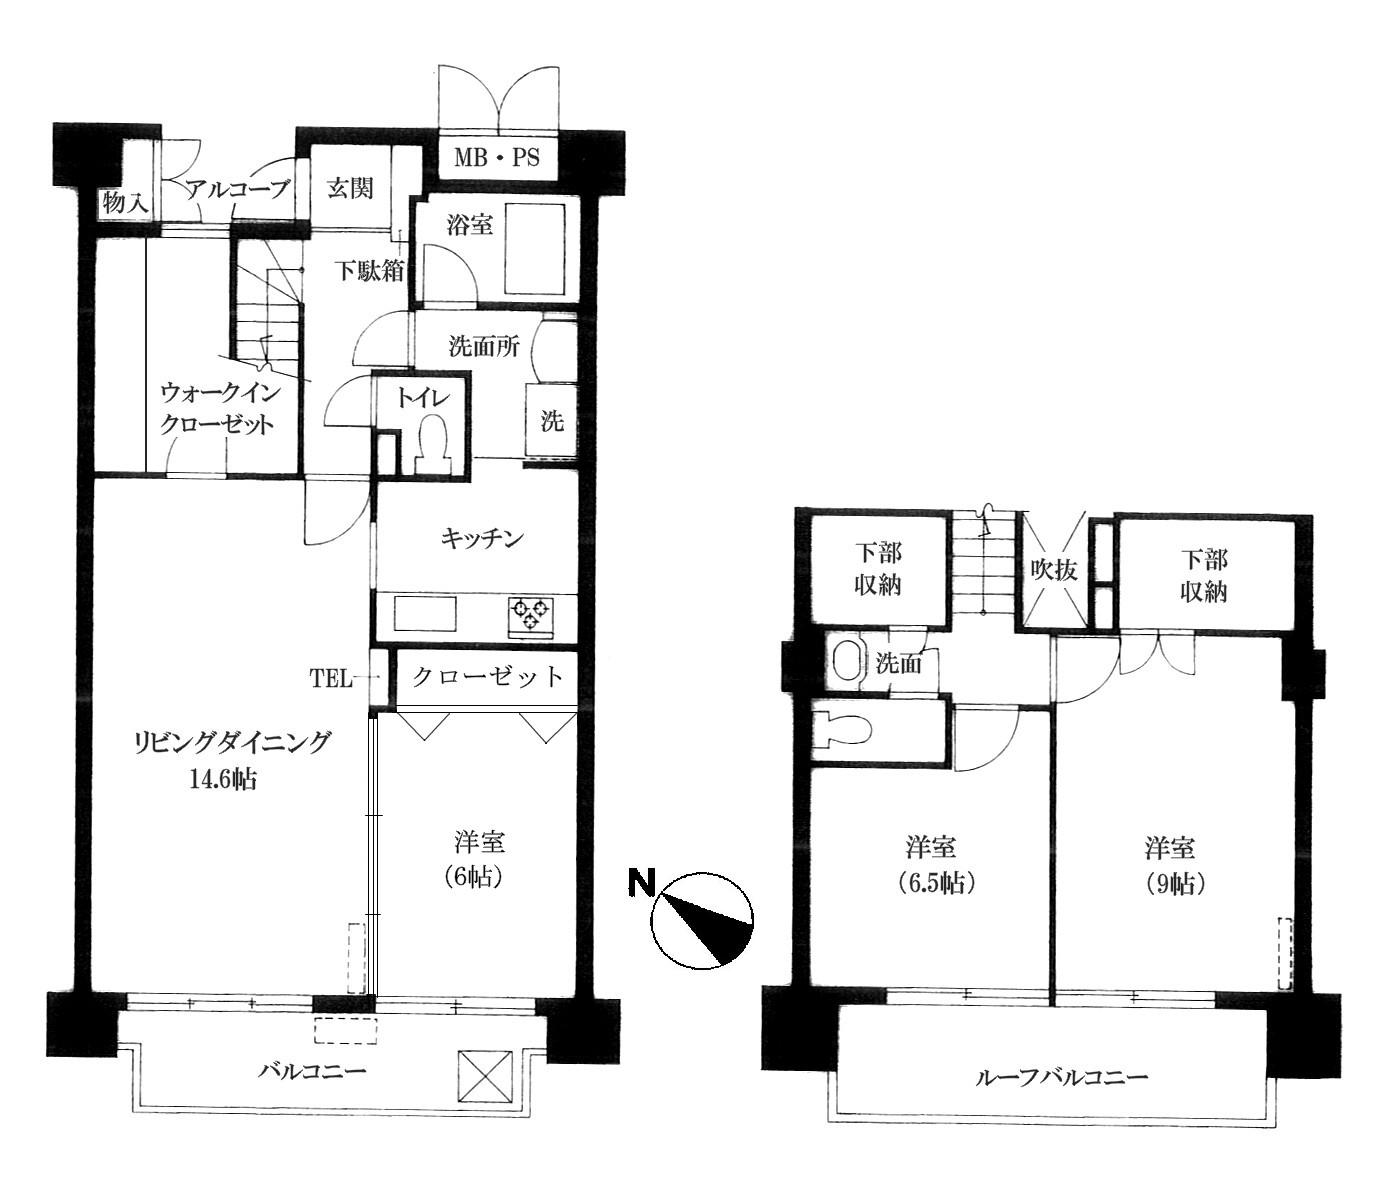 ベルアトーレ野沢 603号室